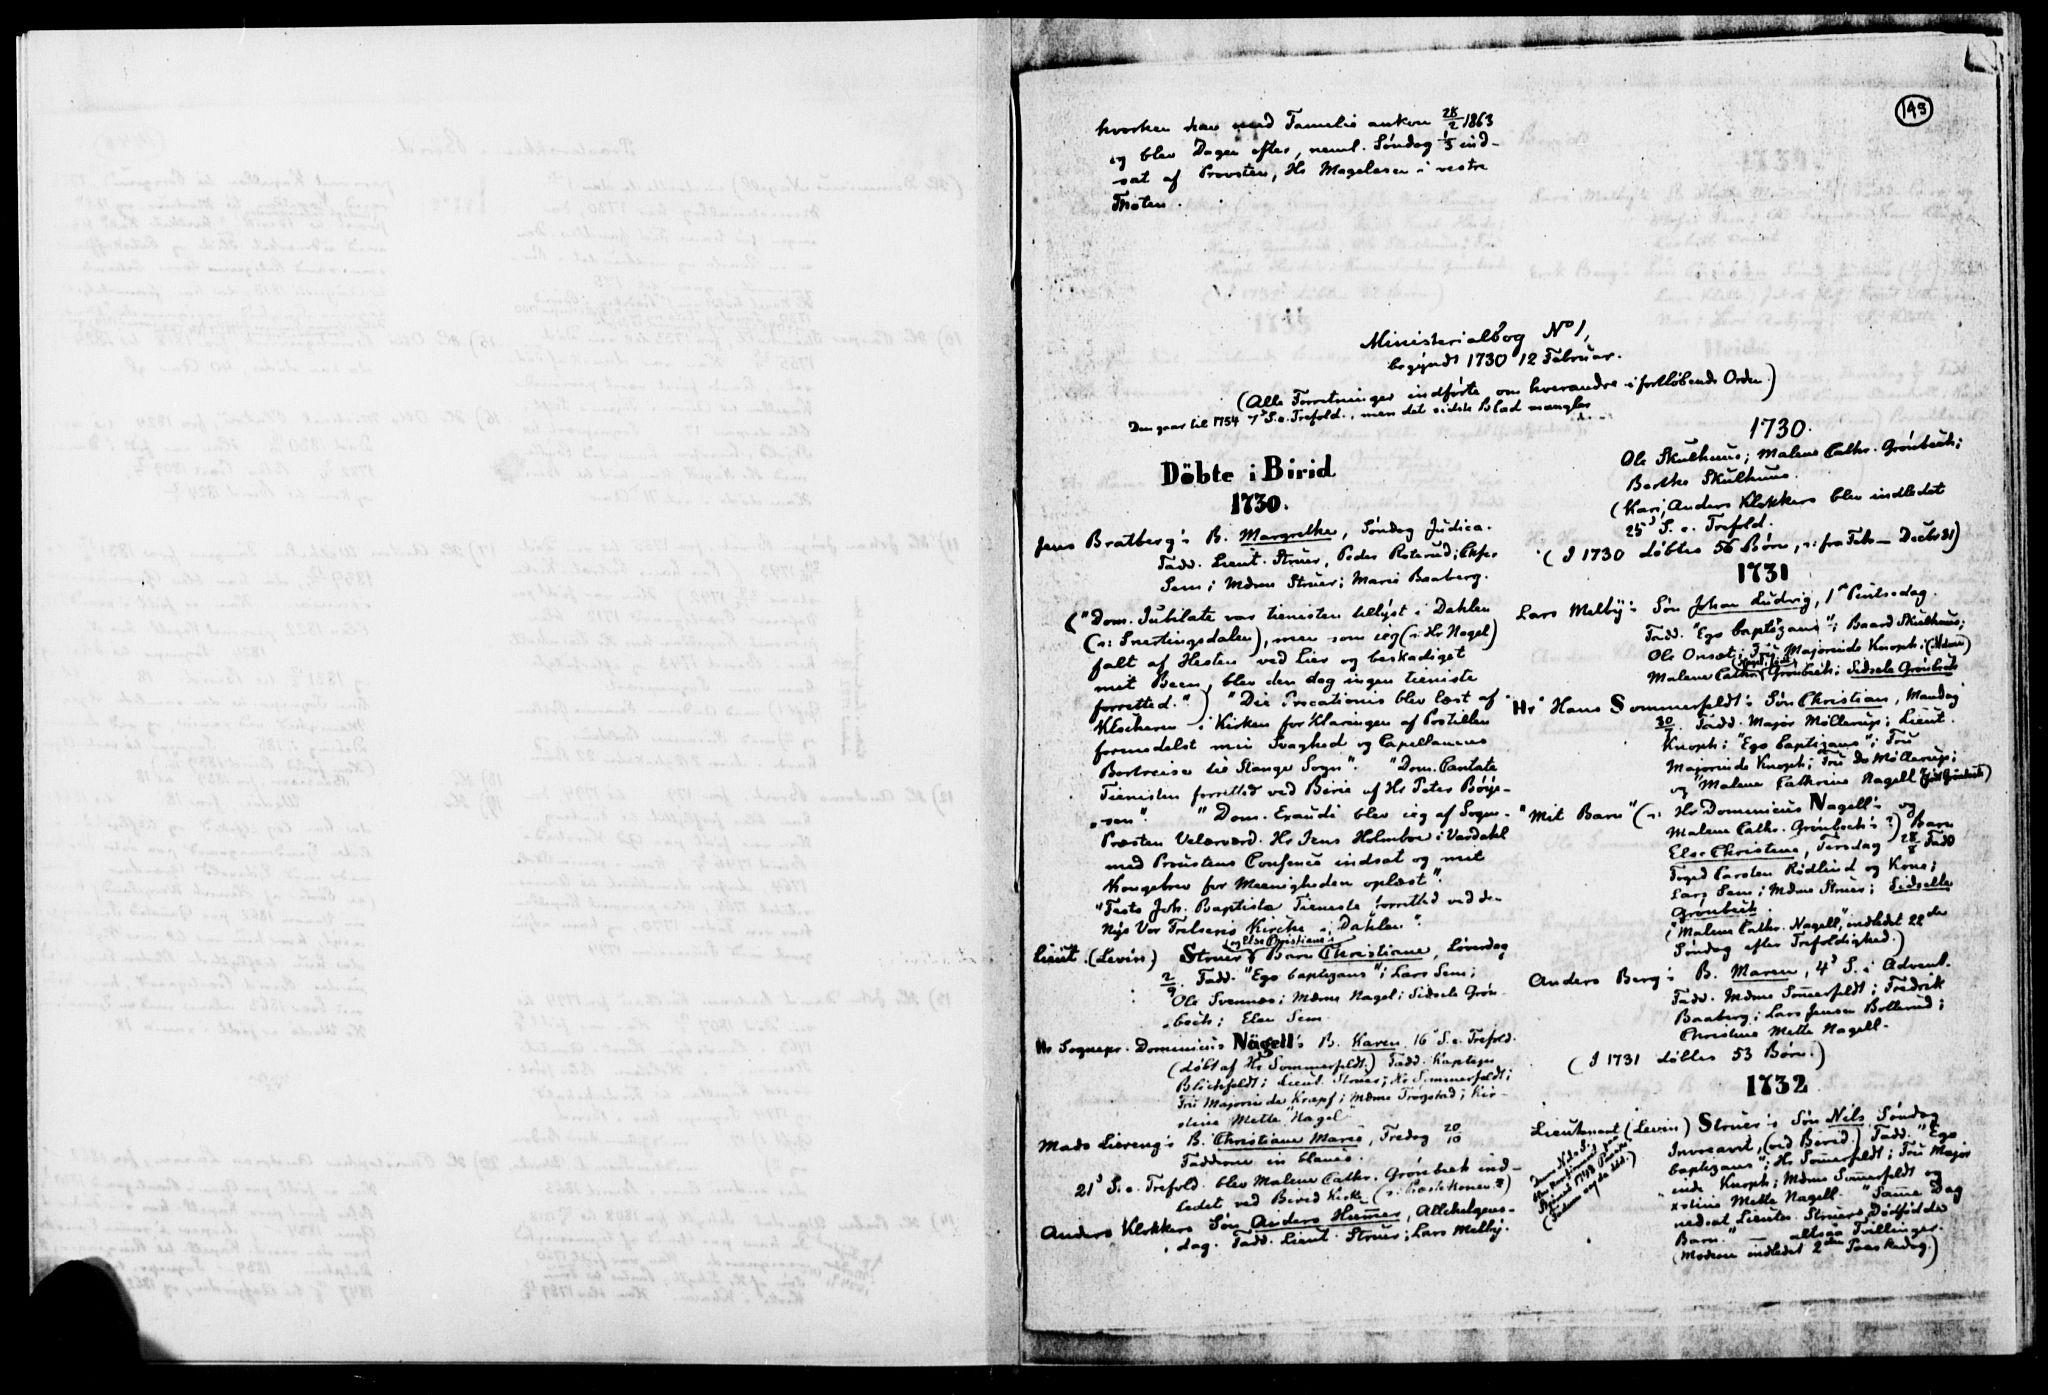 SAH, Biri prestekontor, Ministerialbok, 1730-1879, s. 145